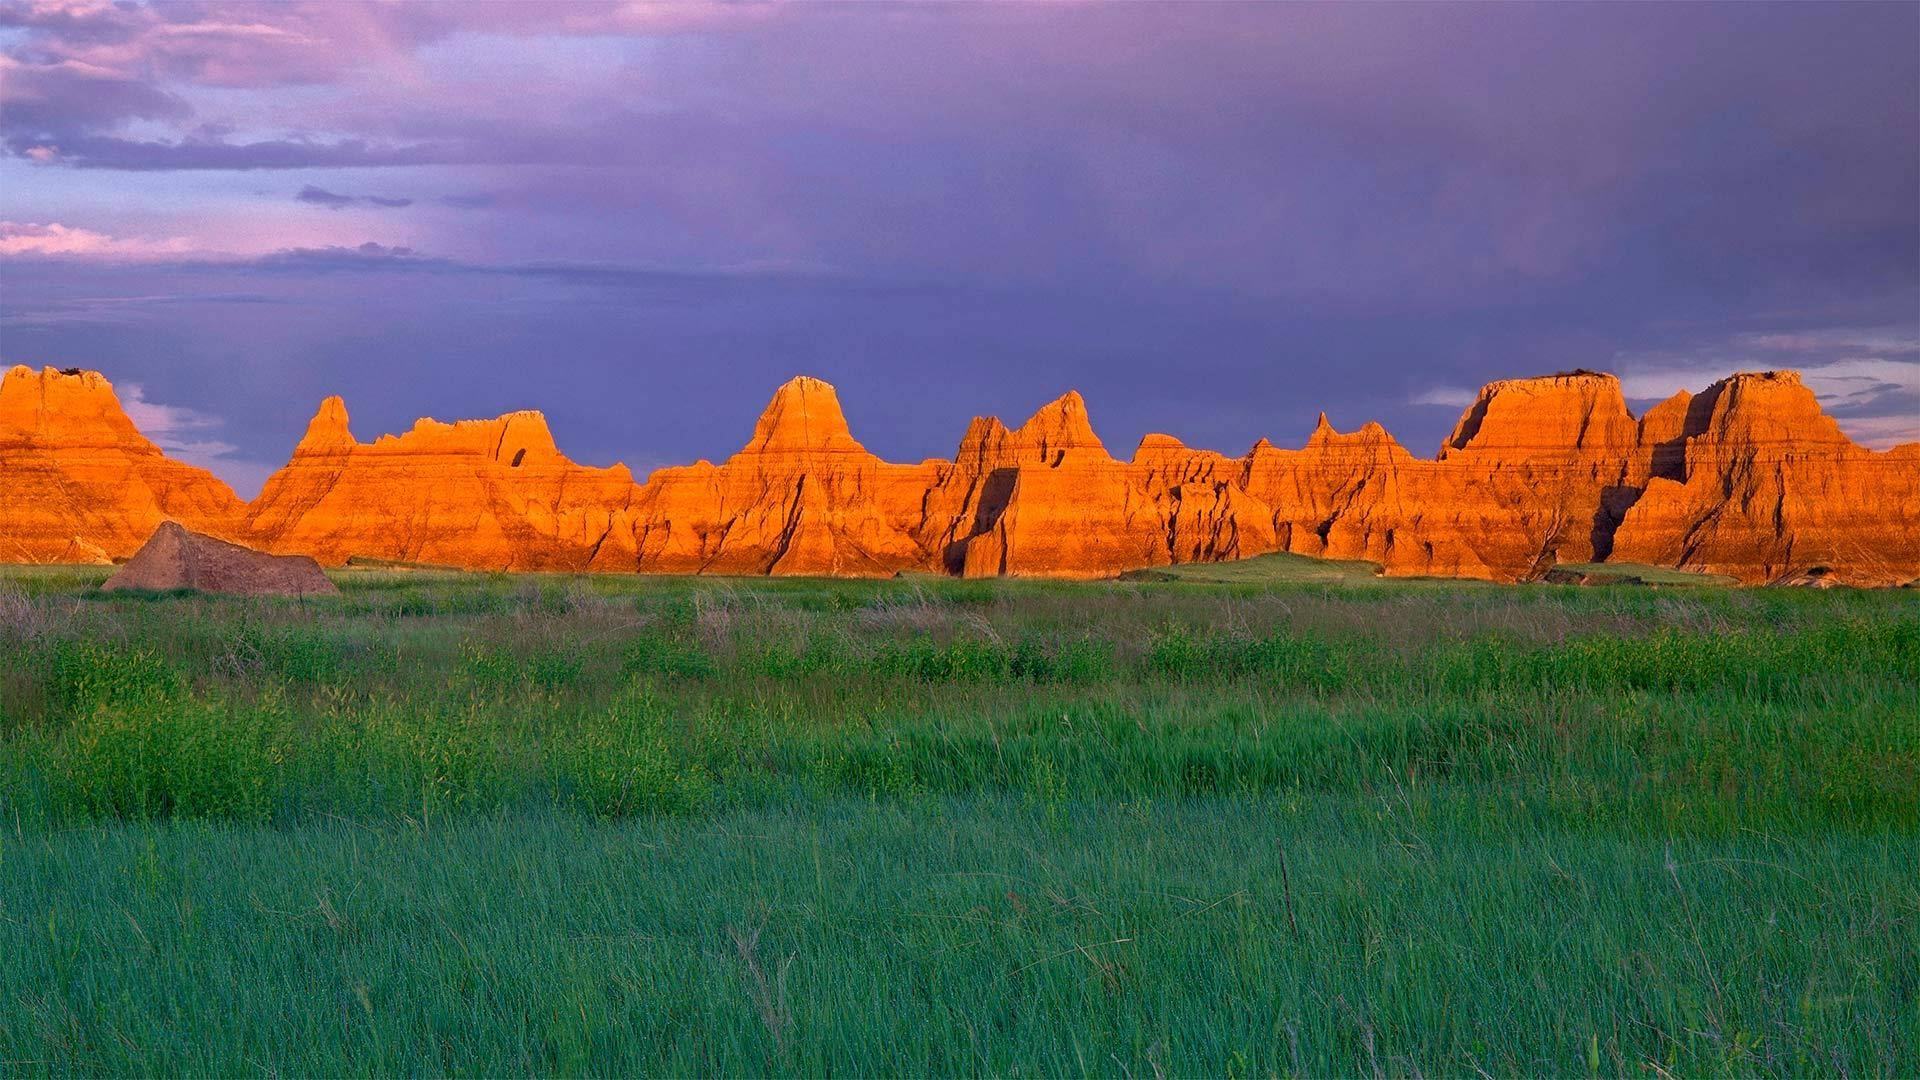 荒地国家公园城堡小径附近的草原和尖塔石山